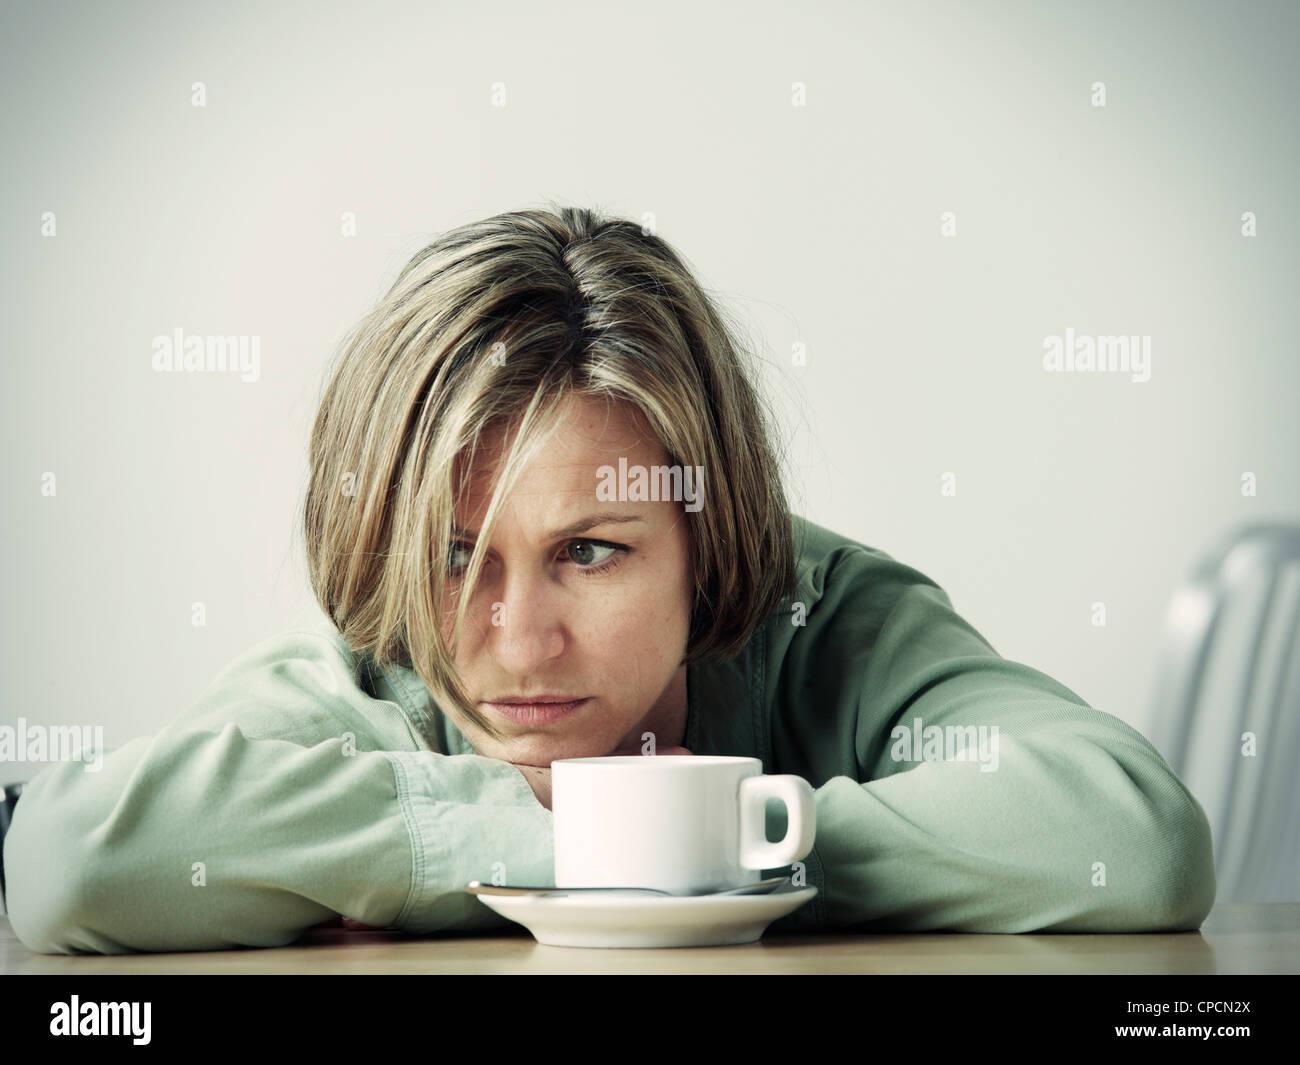 Frau ruhen Kopf in Händen am Schreibtisch Stockbild